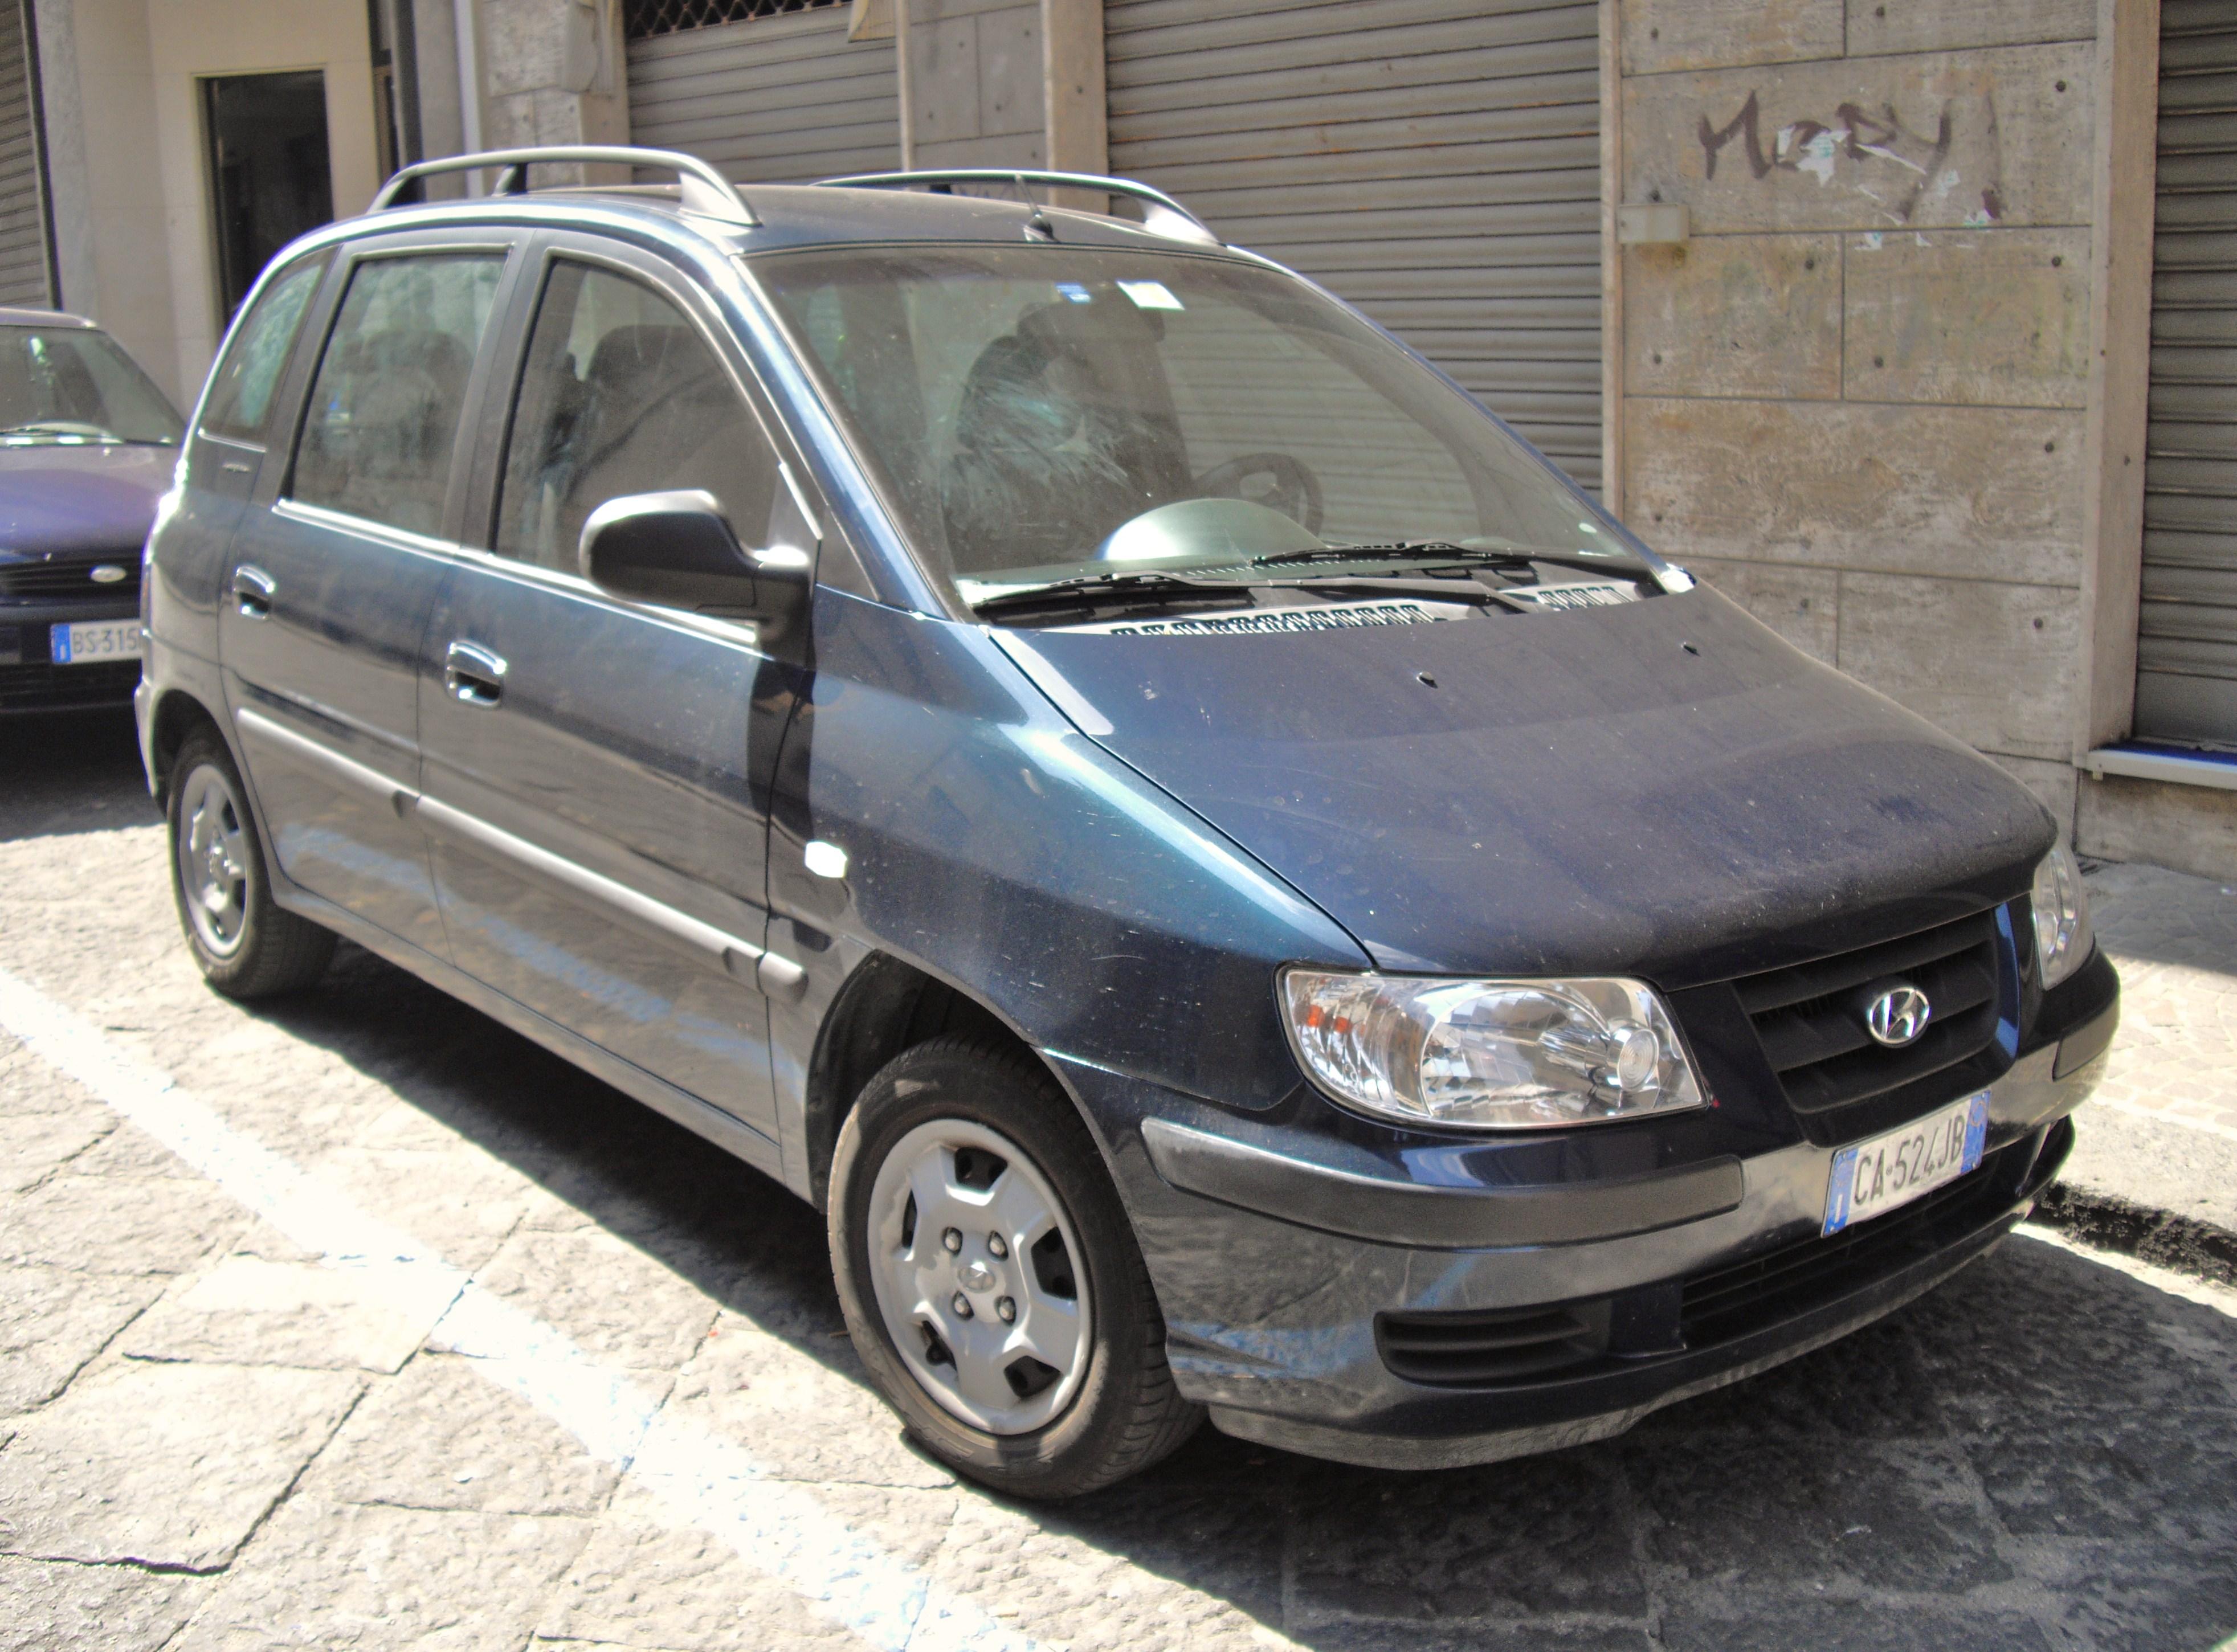 File:Hyundai Matrix blue JPG - Wikimedia Commons